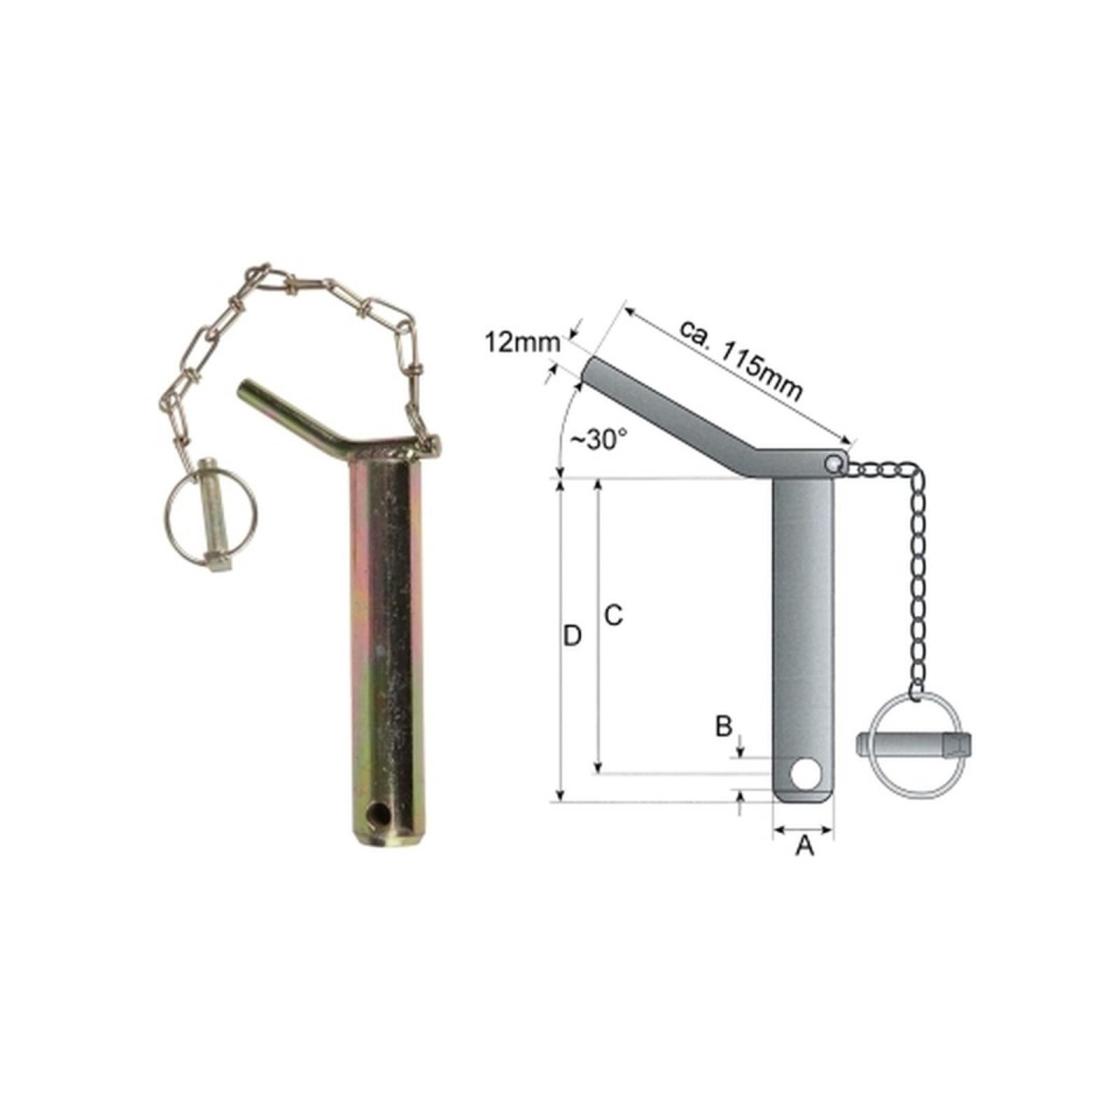 28 x 156 mm Unterlenker Kette und Splint Sicherungsbolzen mit Klappgriff